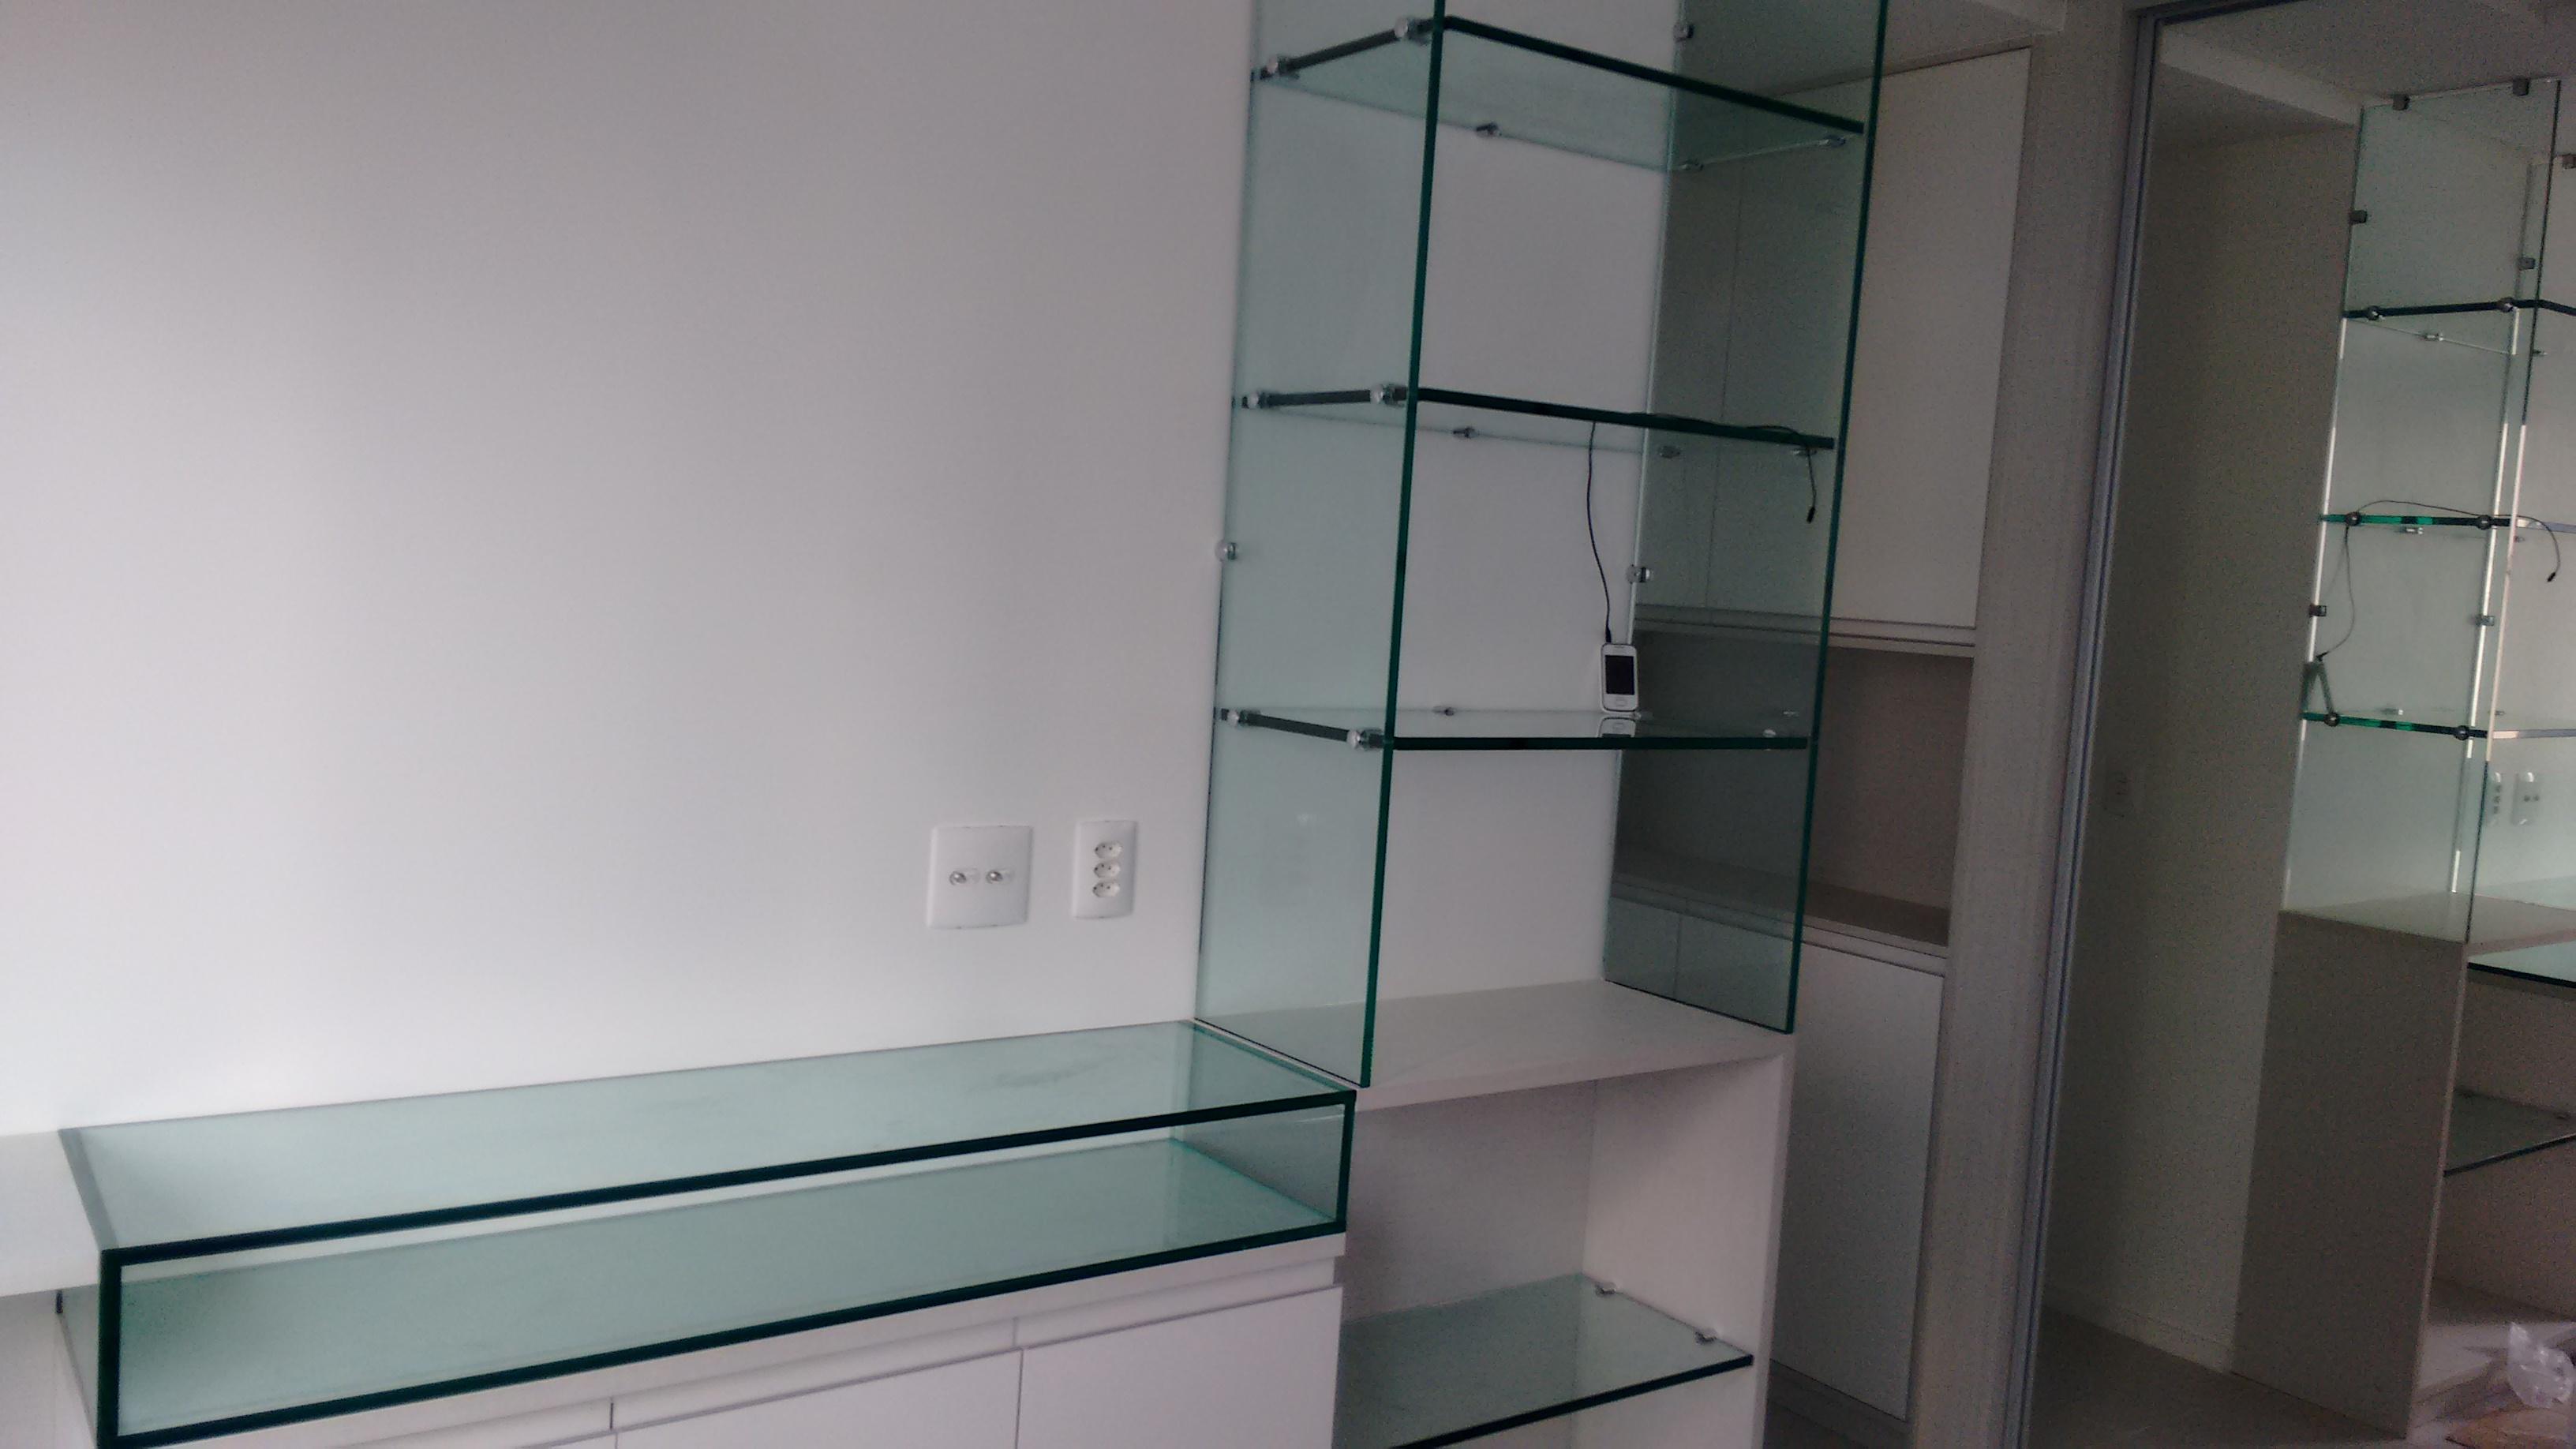 Estante De Vidro Temperado : Produtos vidros espelhos box prateleiras entre outros